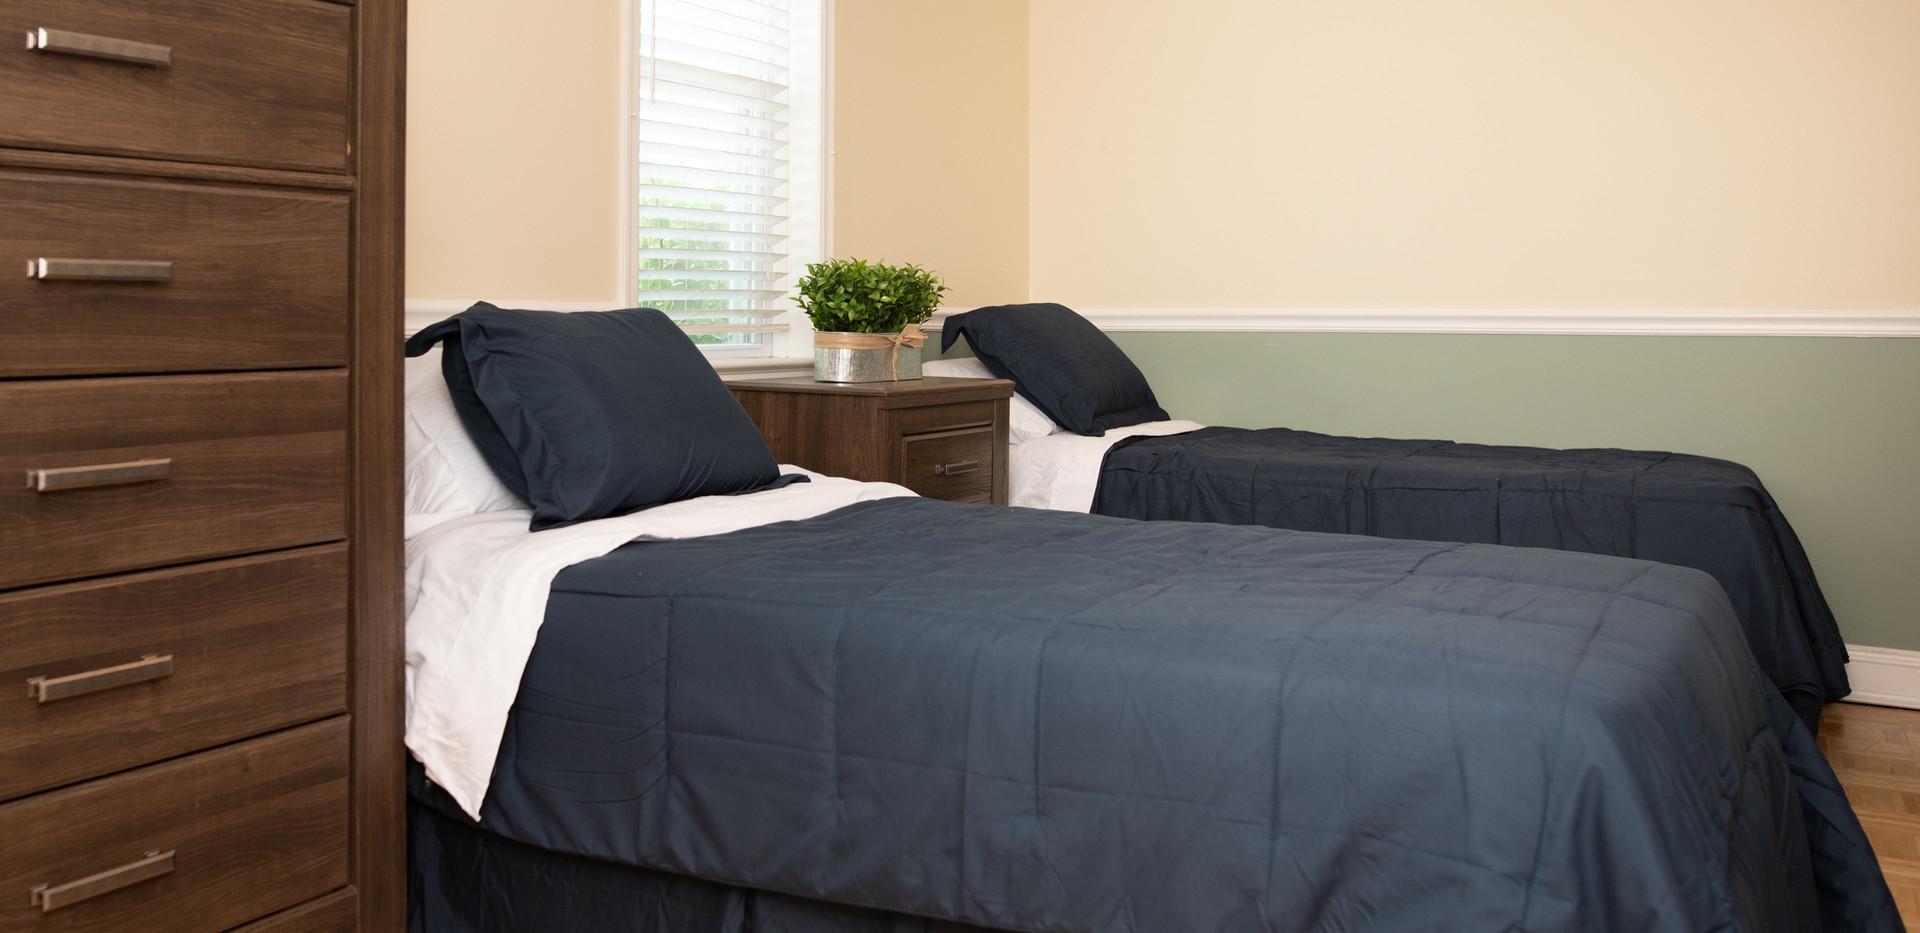 Woodbury Sober Living Bedroom